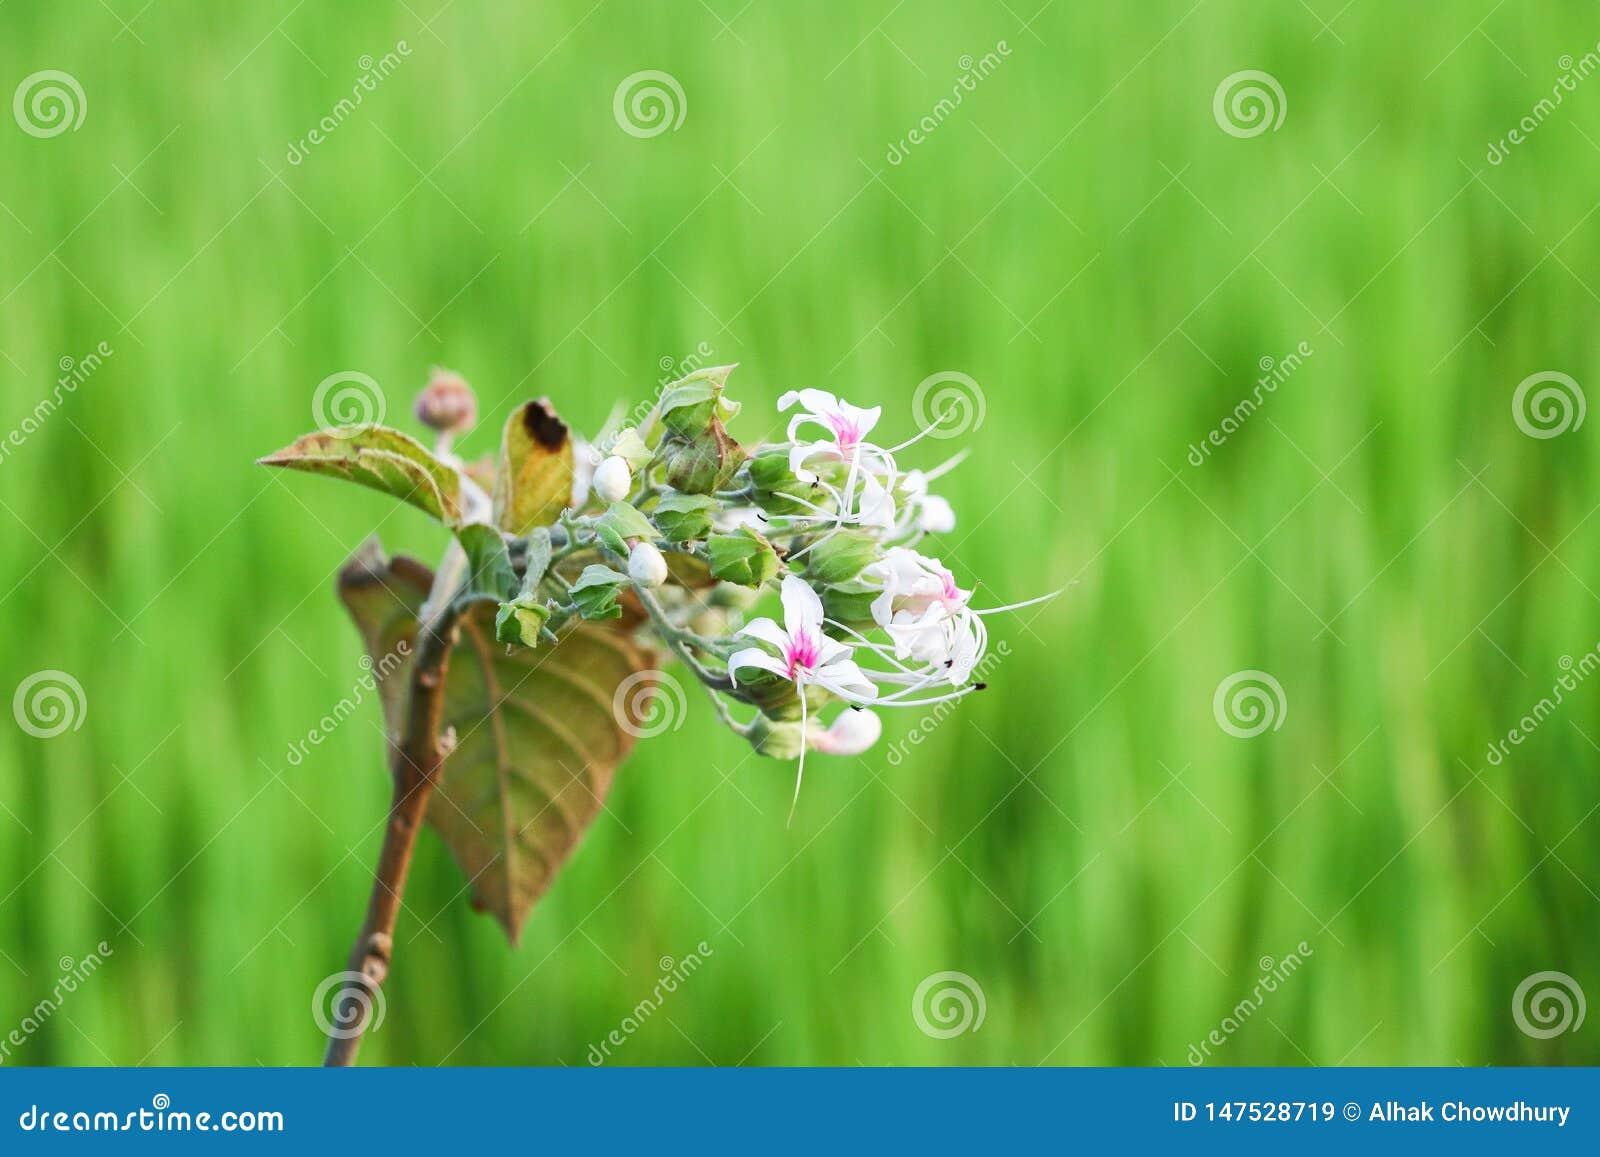 Flor blanca en jardín al aire libre del verano verde del fondo